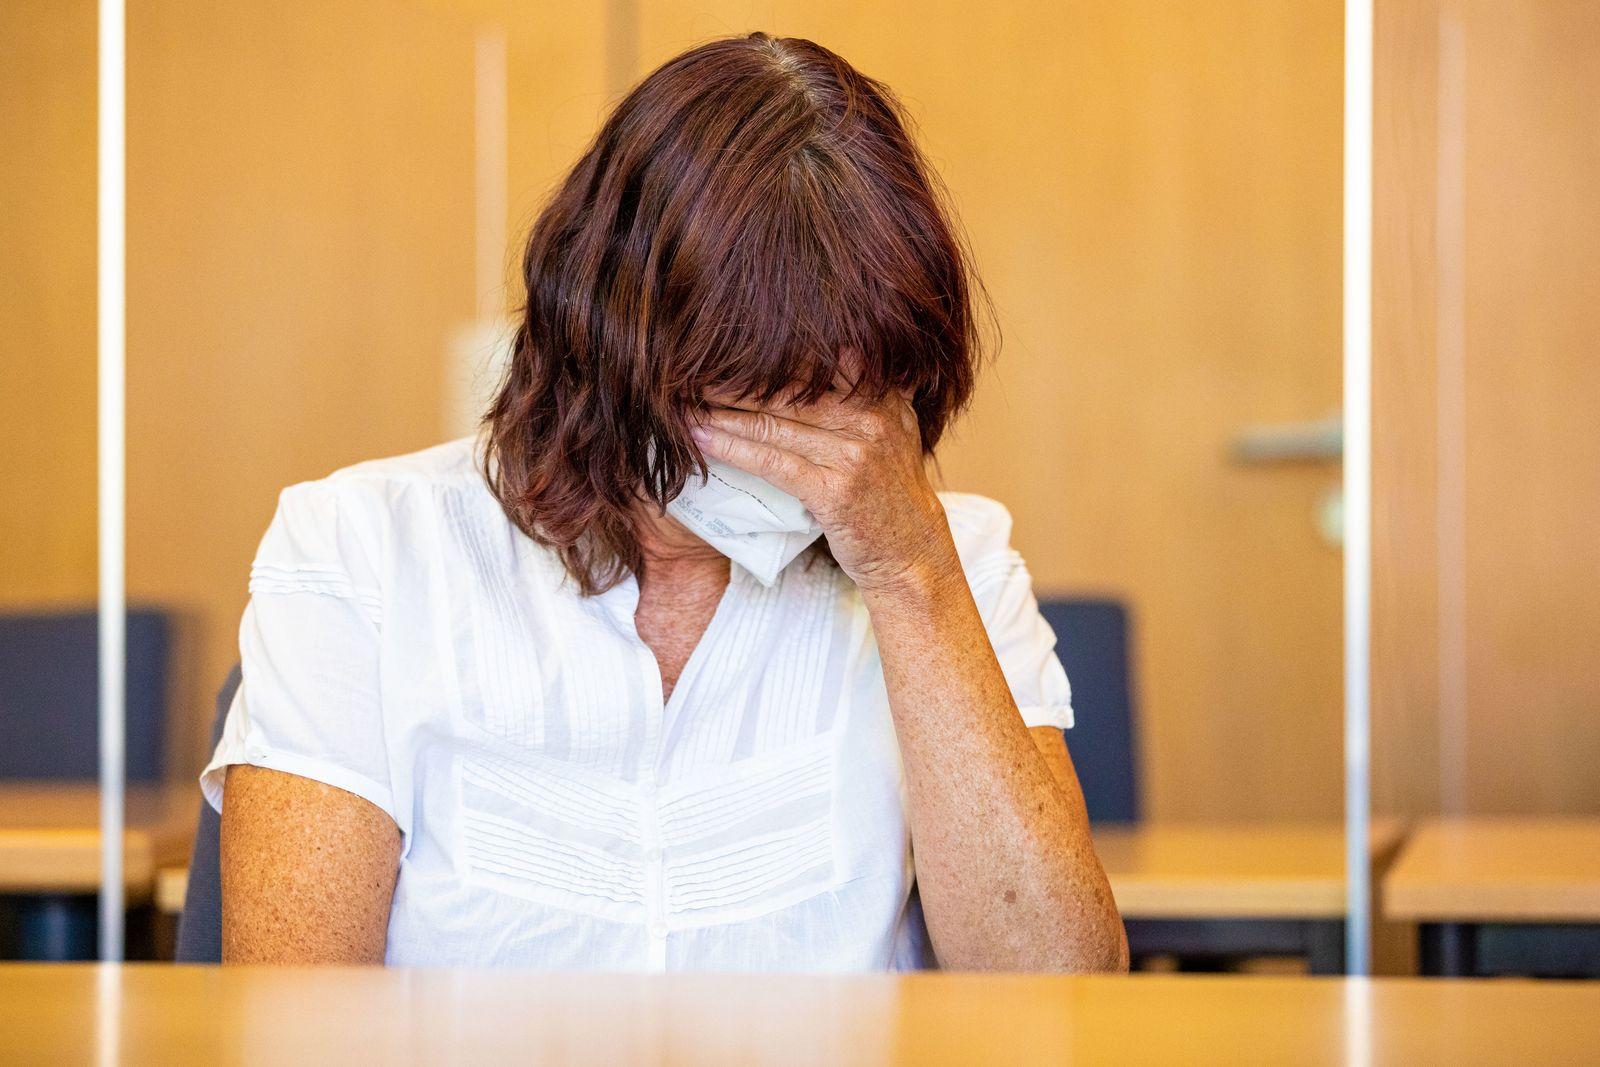 Prozess gegen Mutter wegen Misshandlung ihrer Söhne